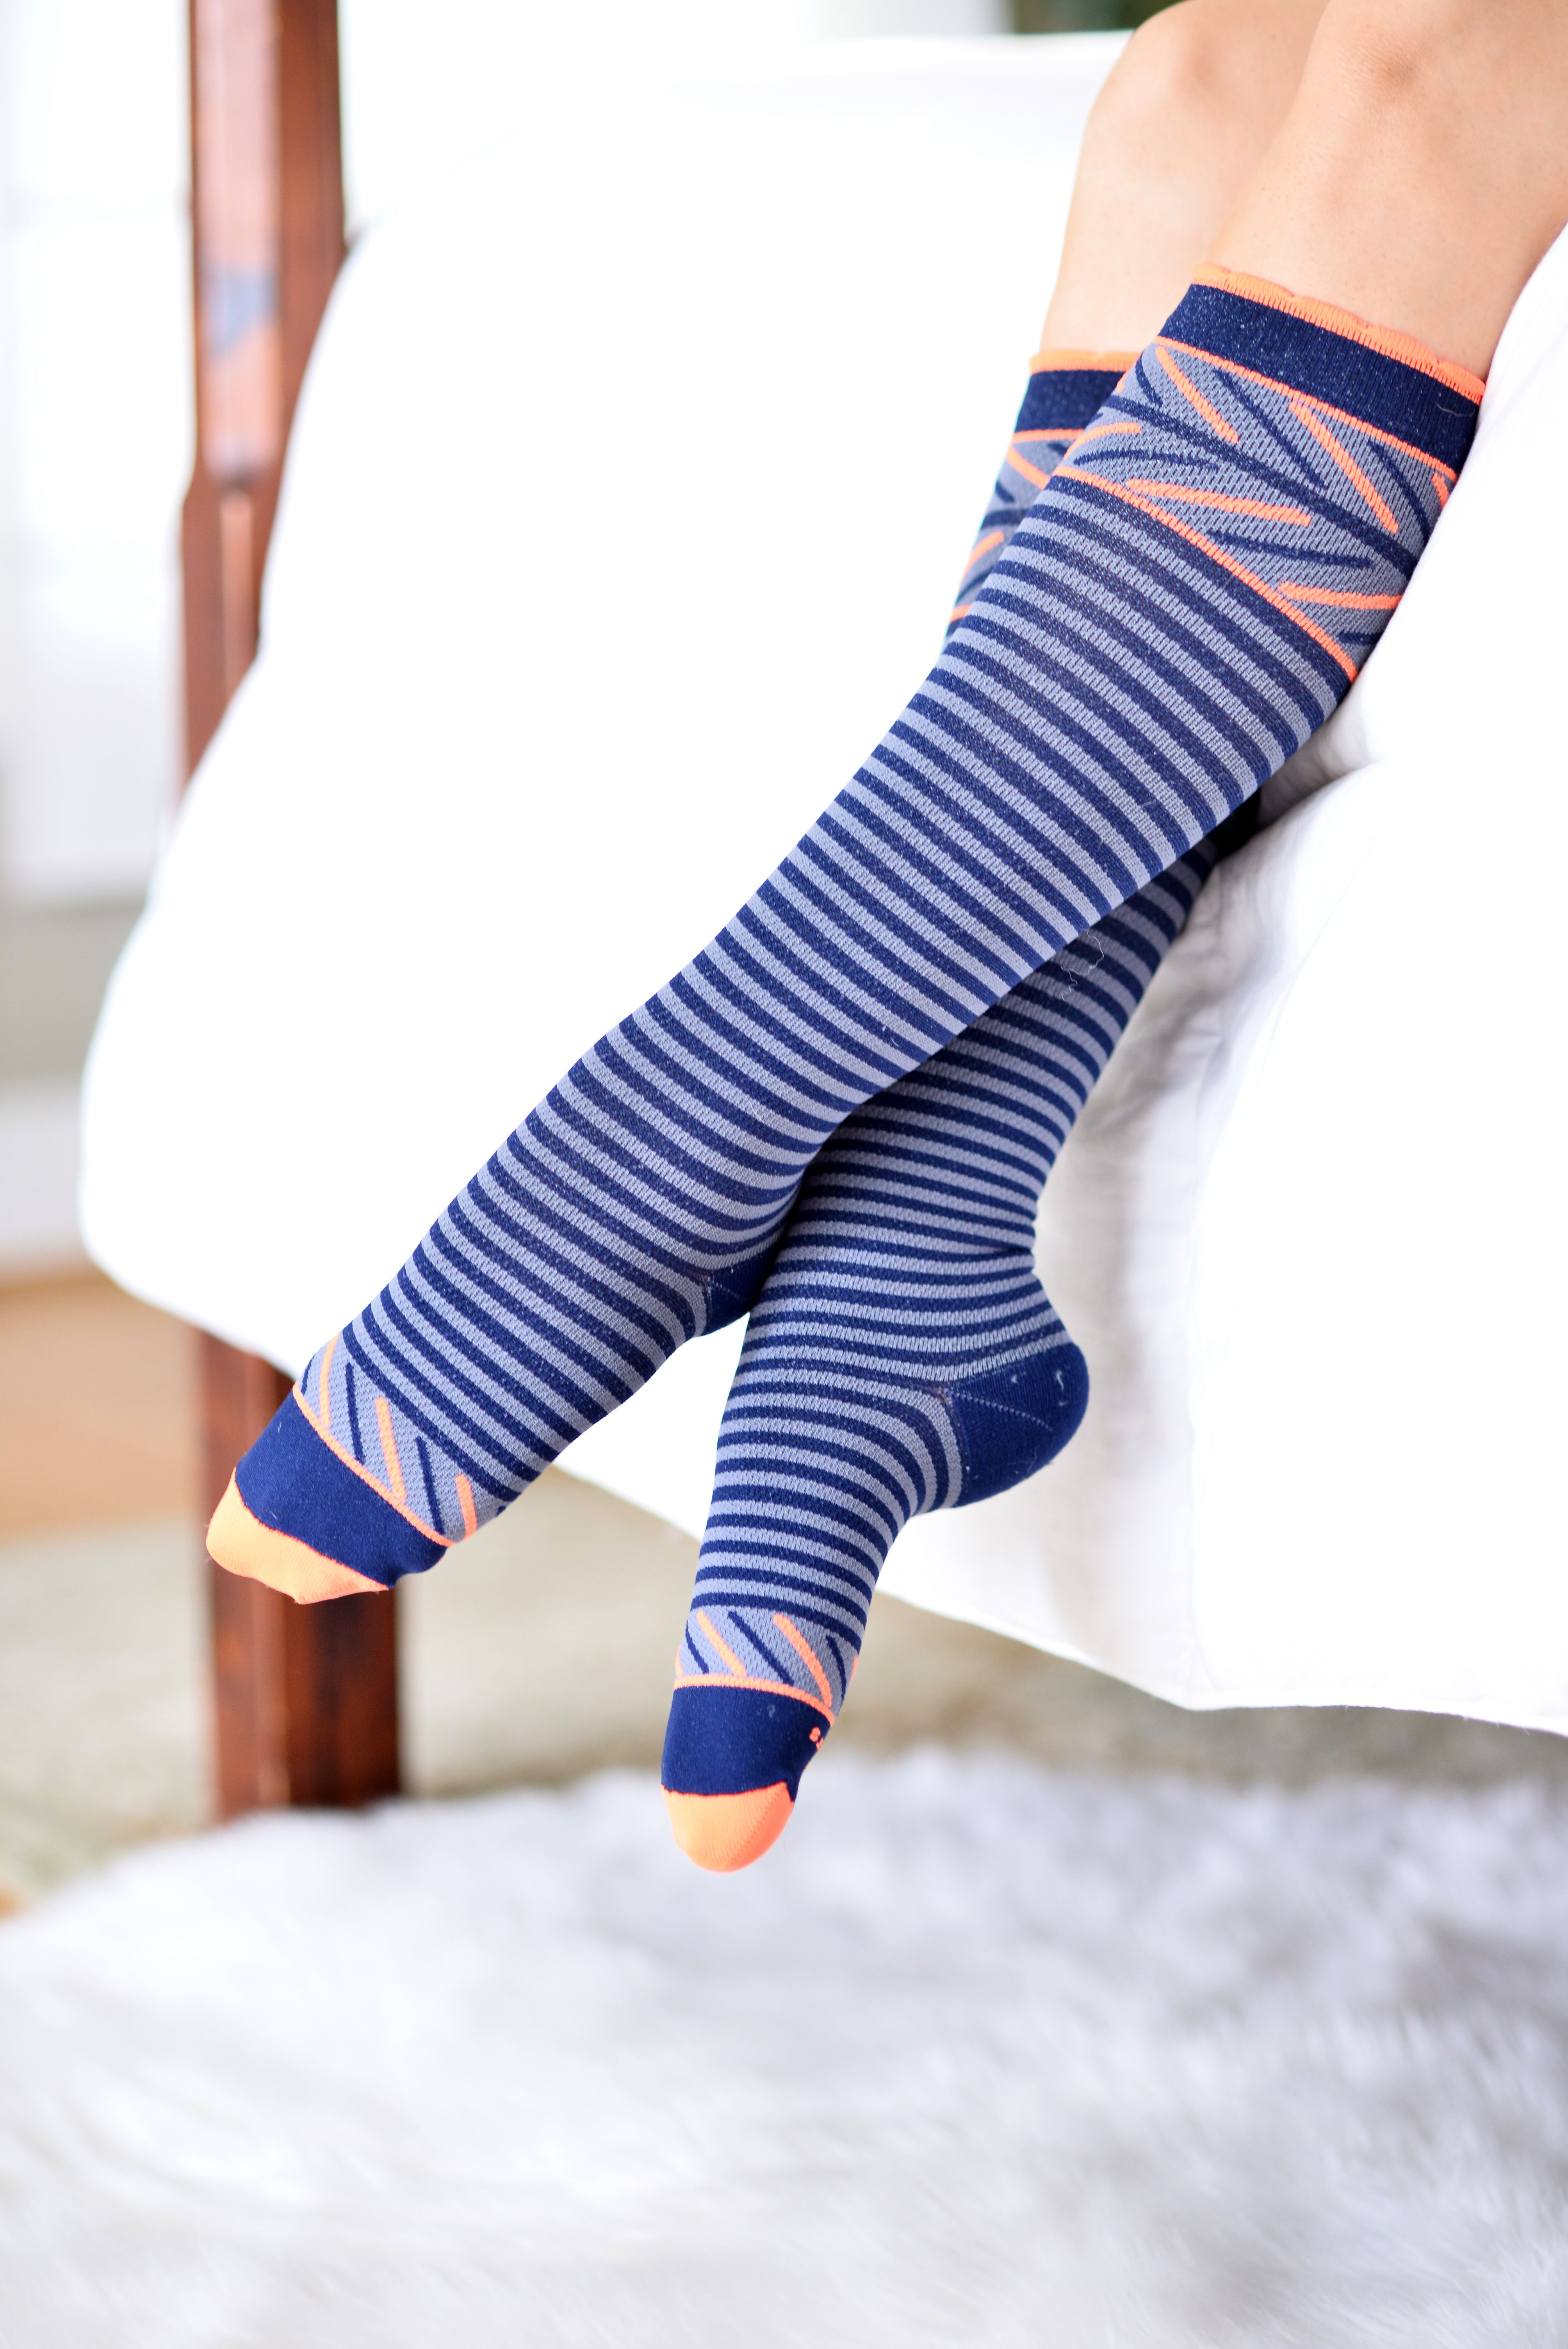 worn women's socks - HD4016×6016